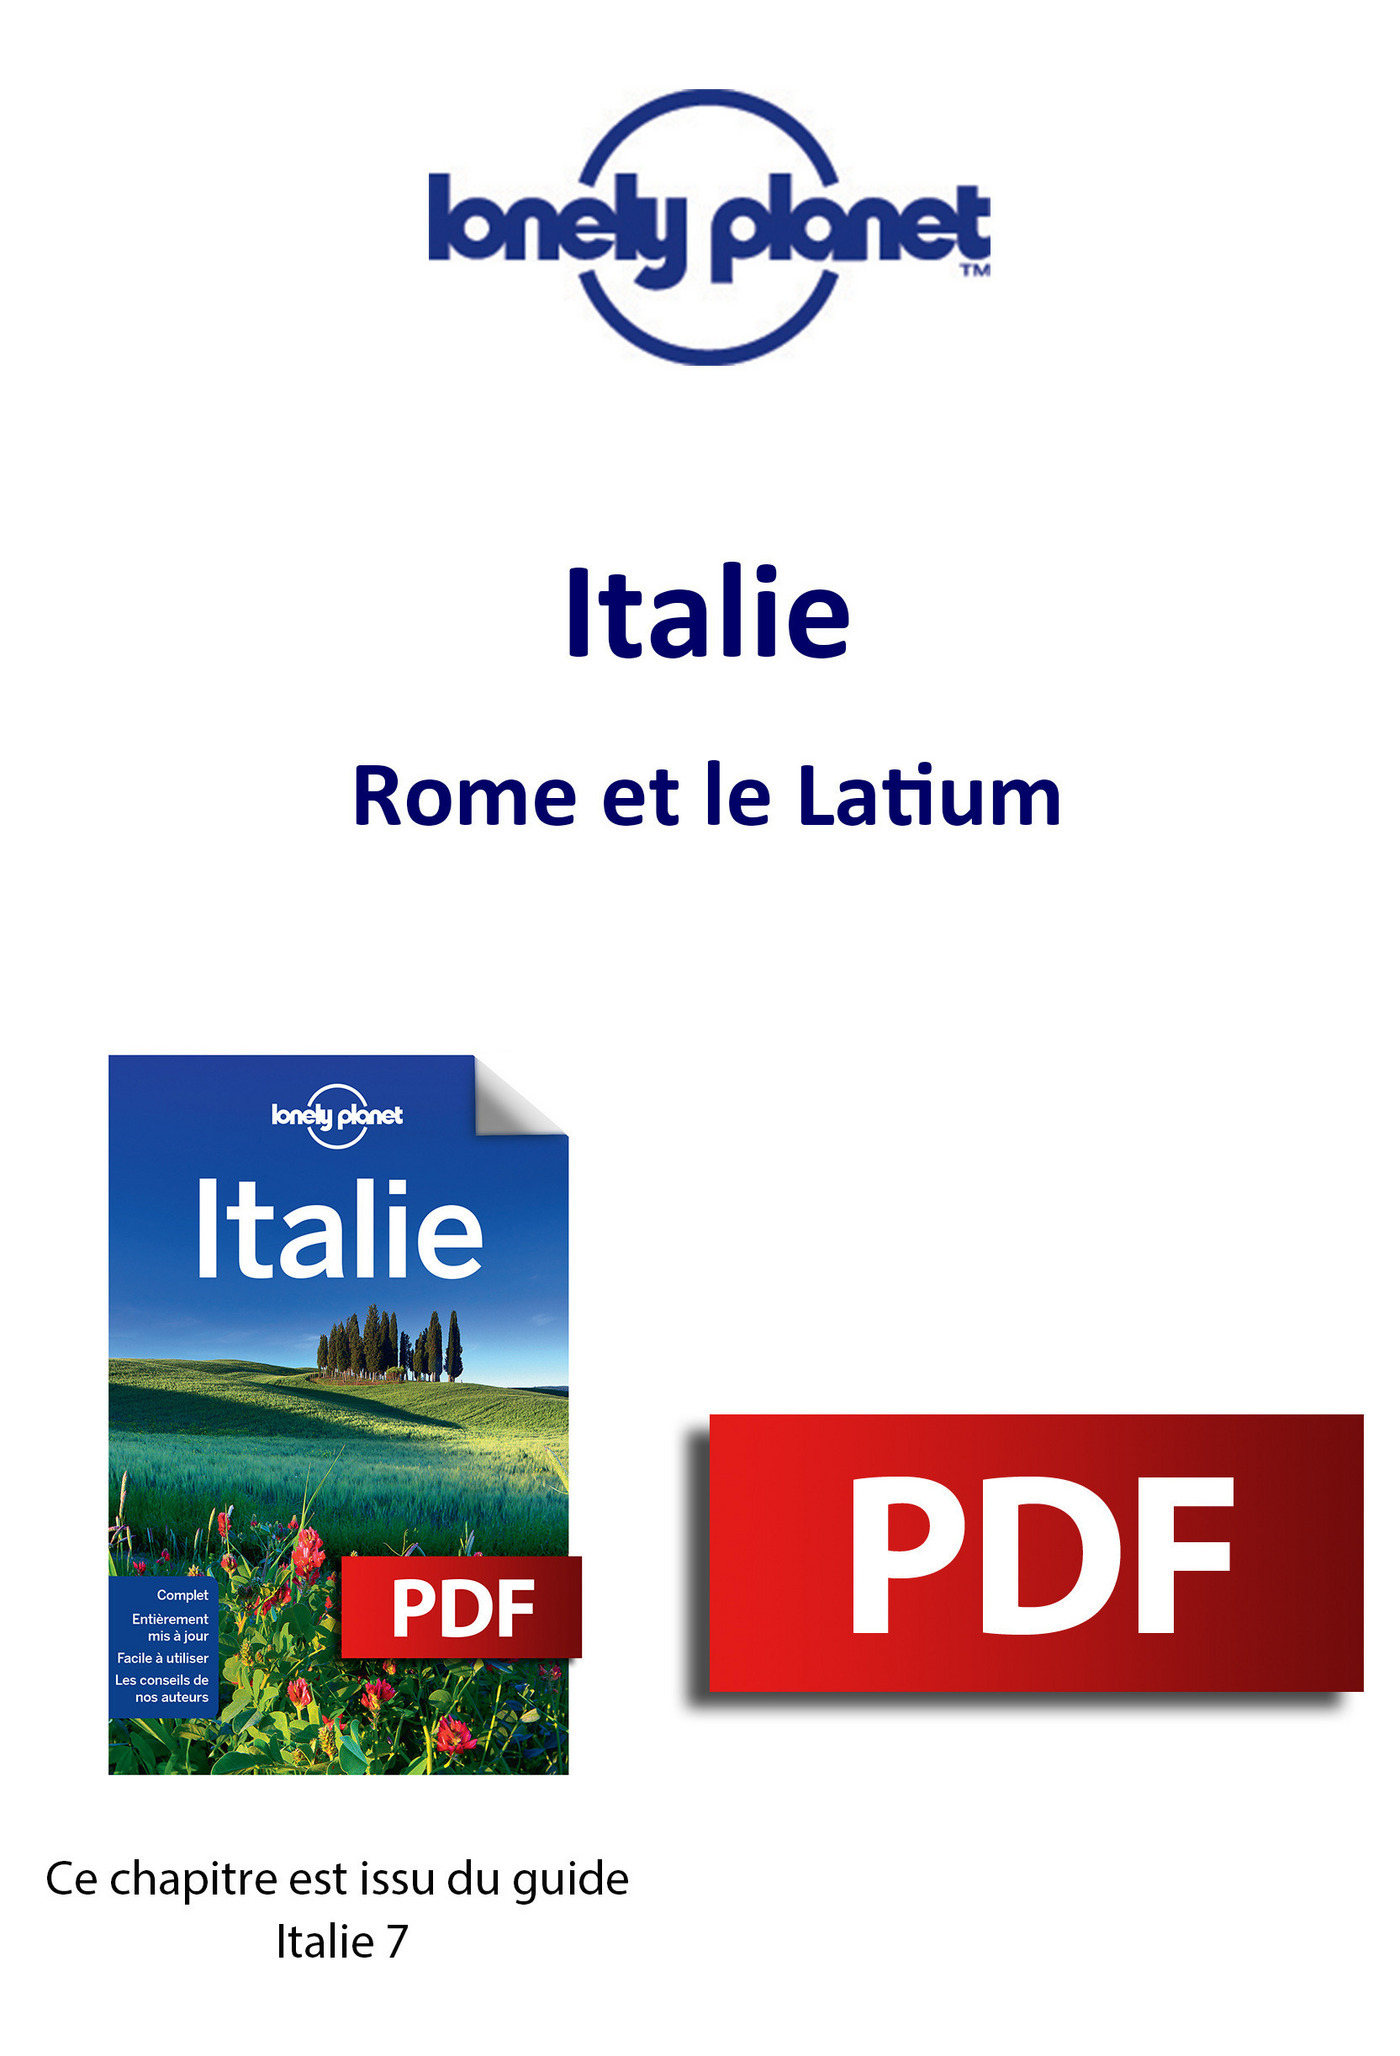 Italie - Rome et le Latium